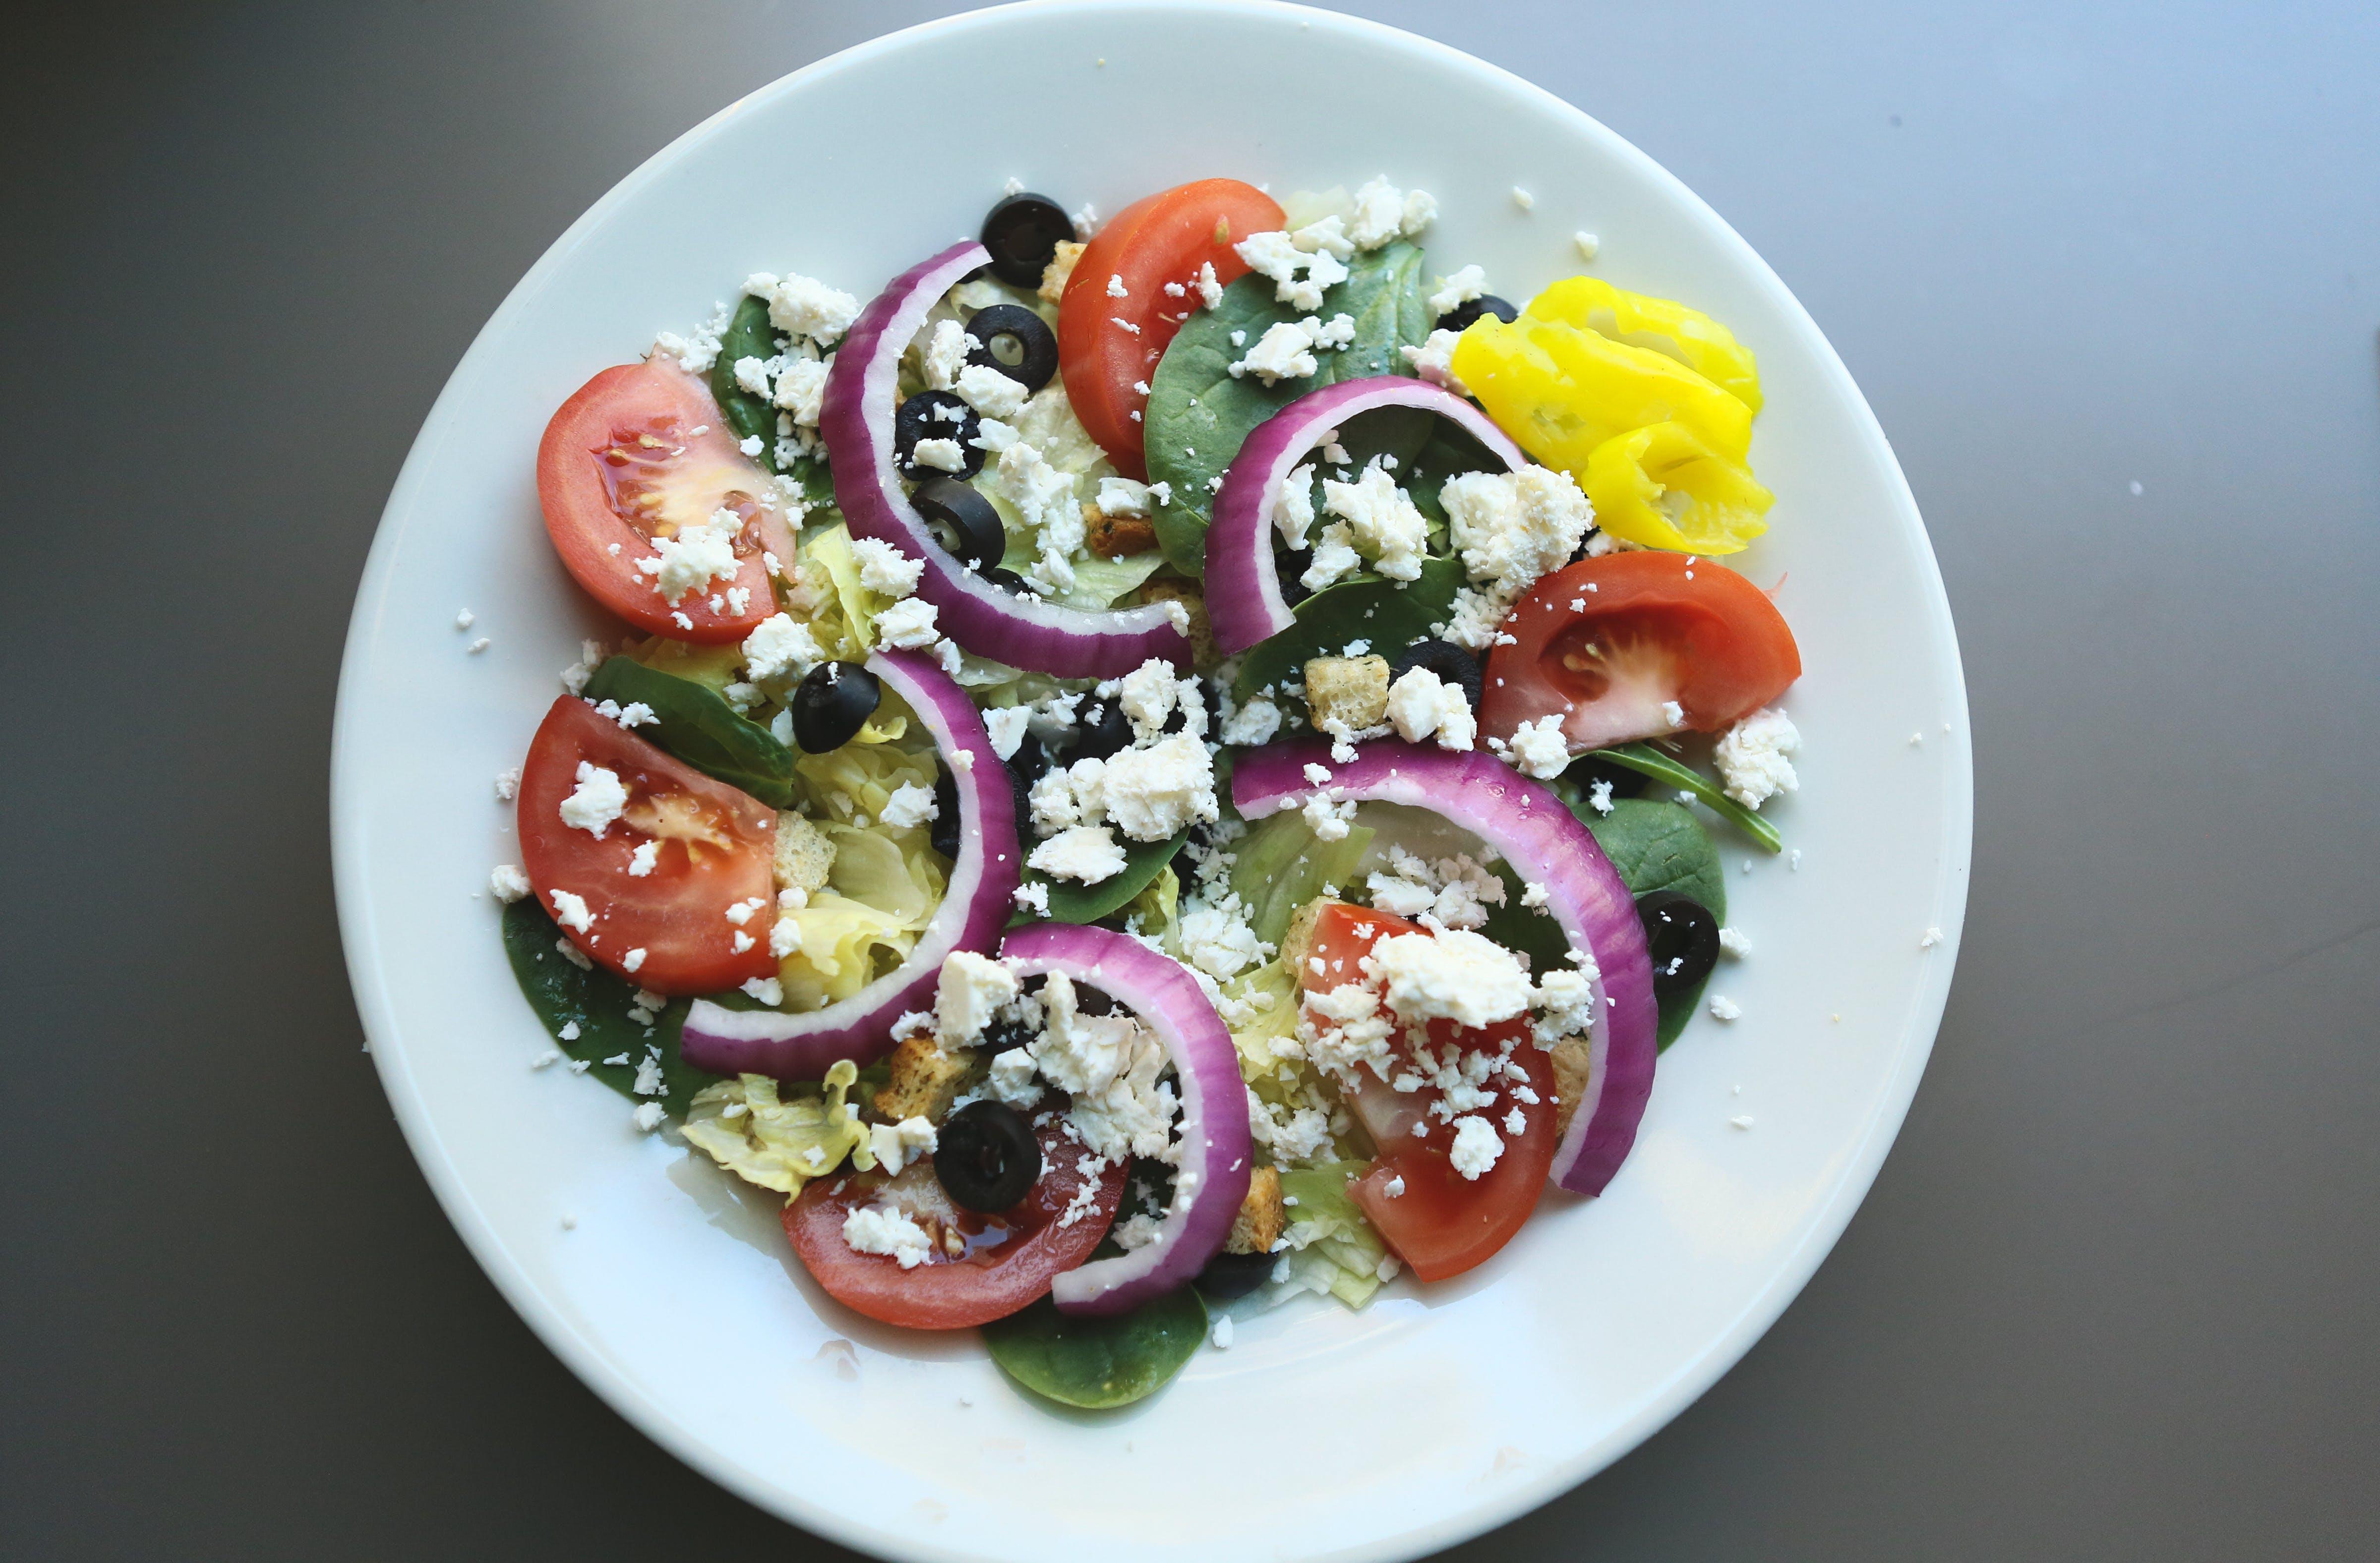 Greek Salad from Falbo Bros. Pizzeria - Sun Prairie in Sun Prairie, WI